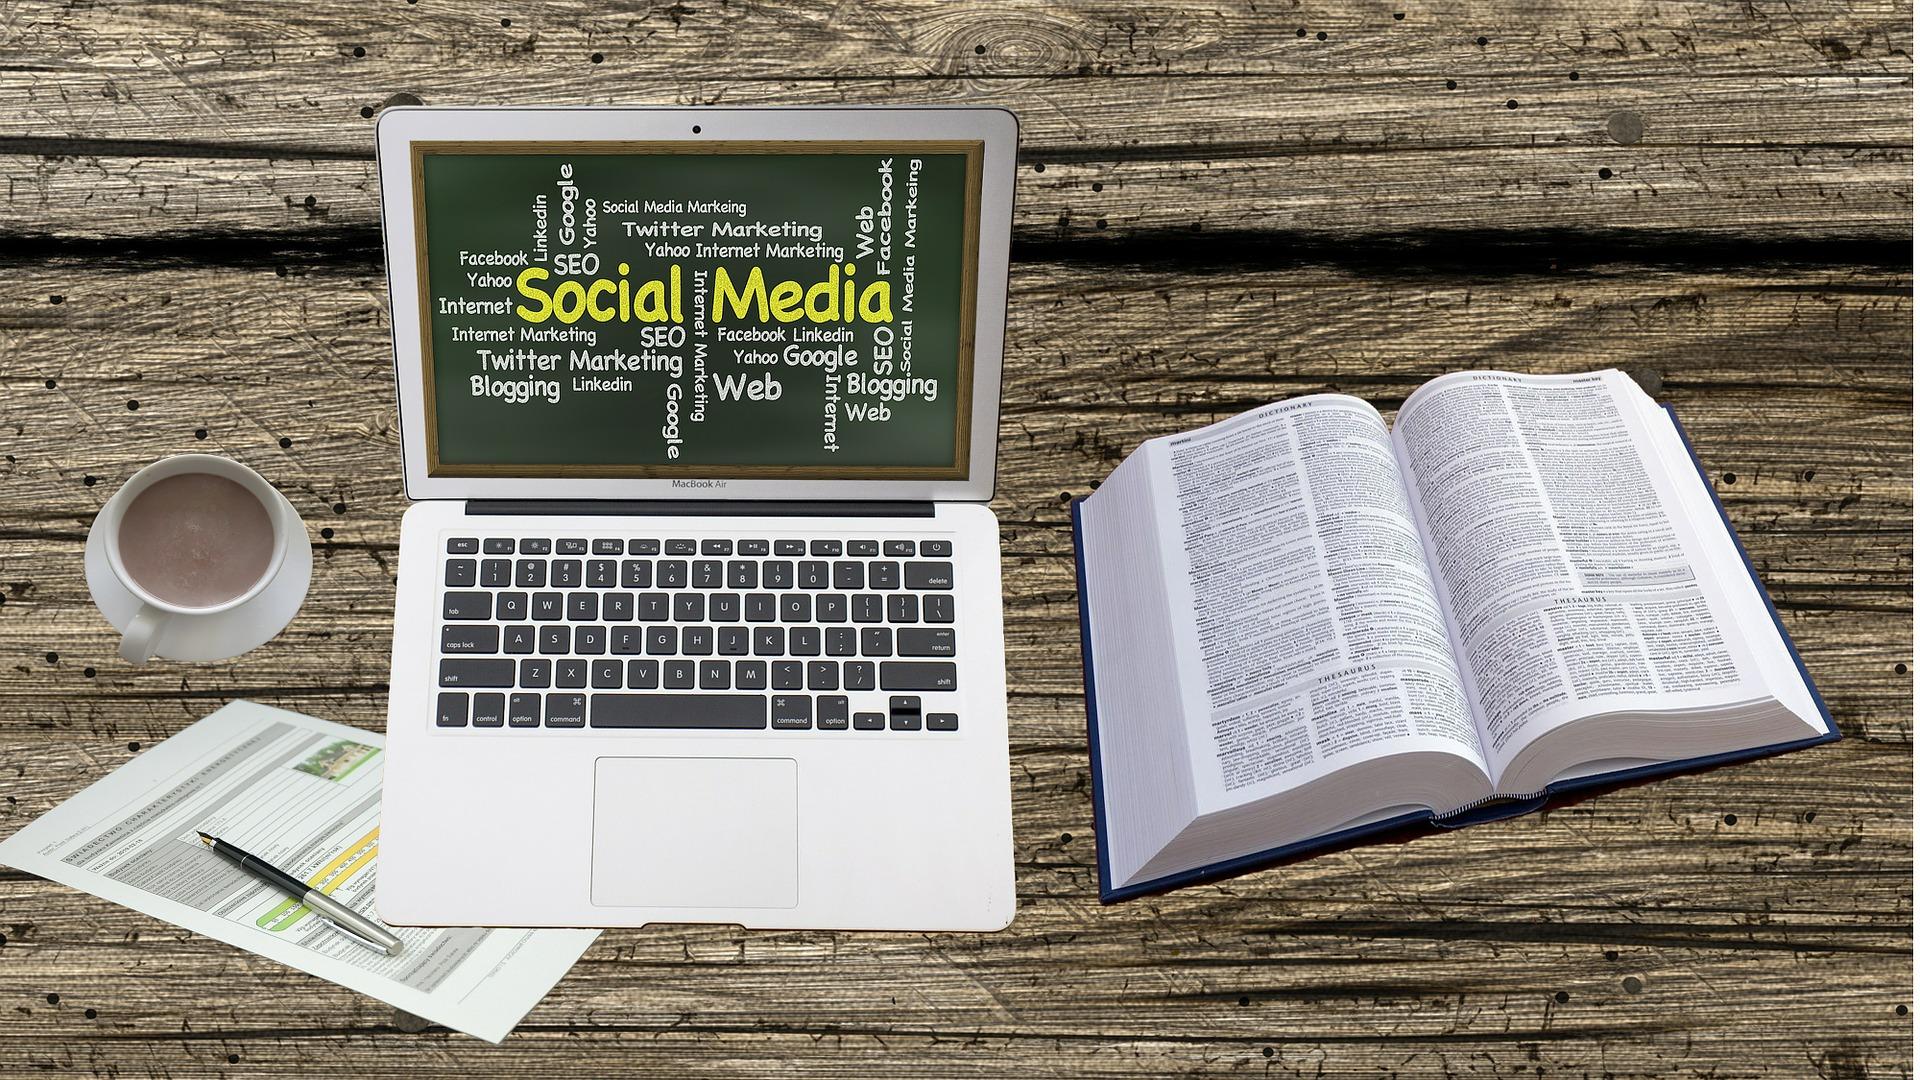 social-media-464051_1920